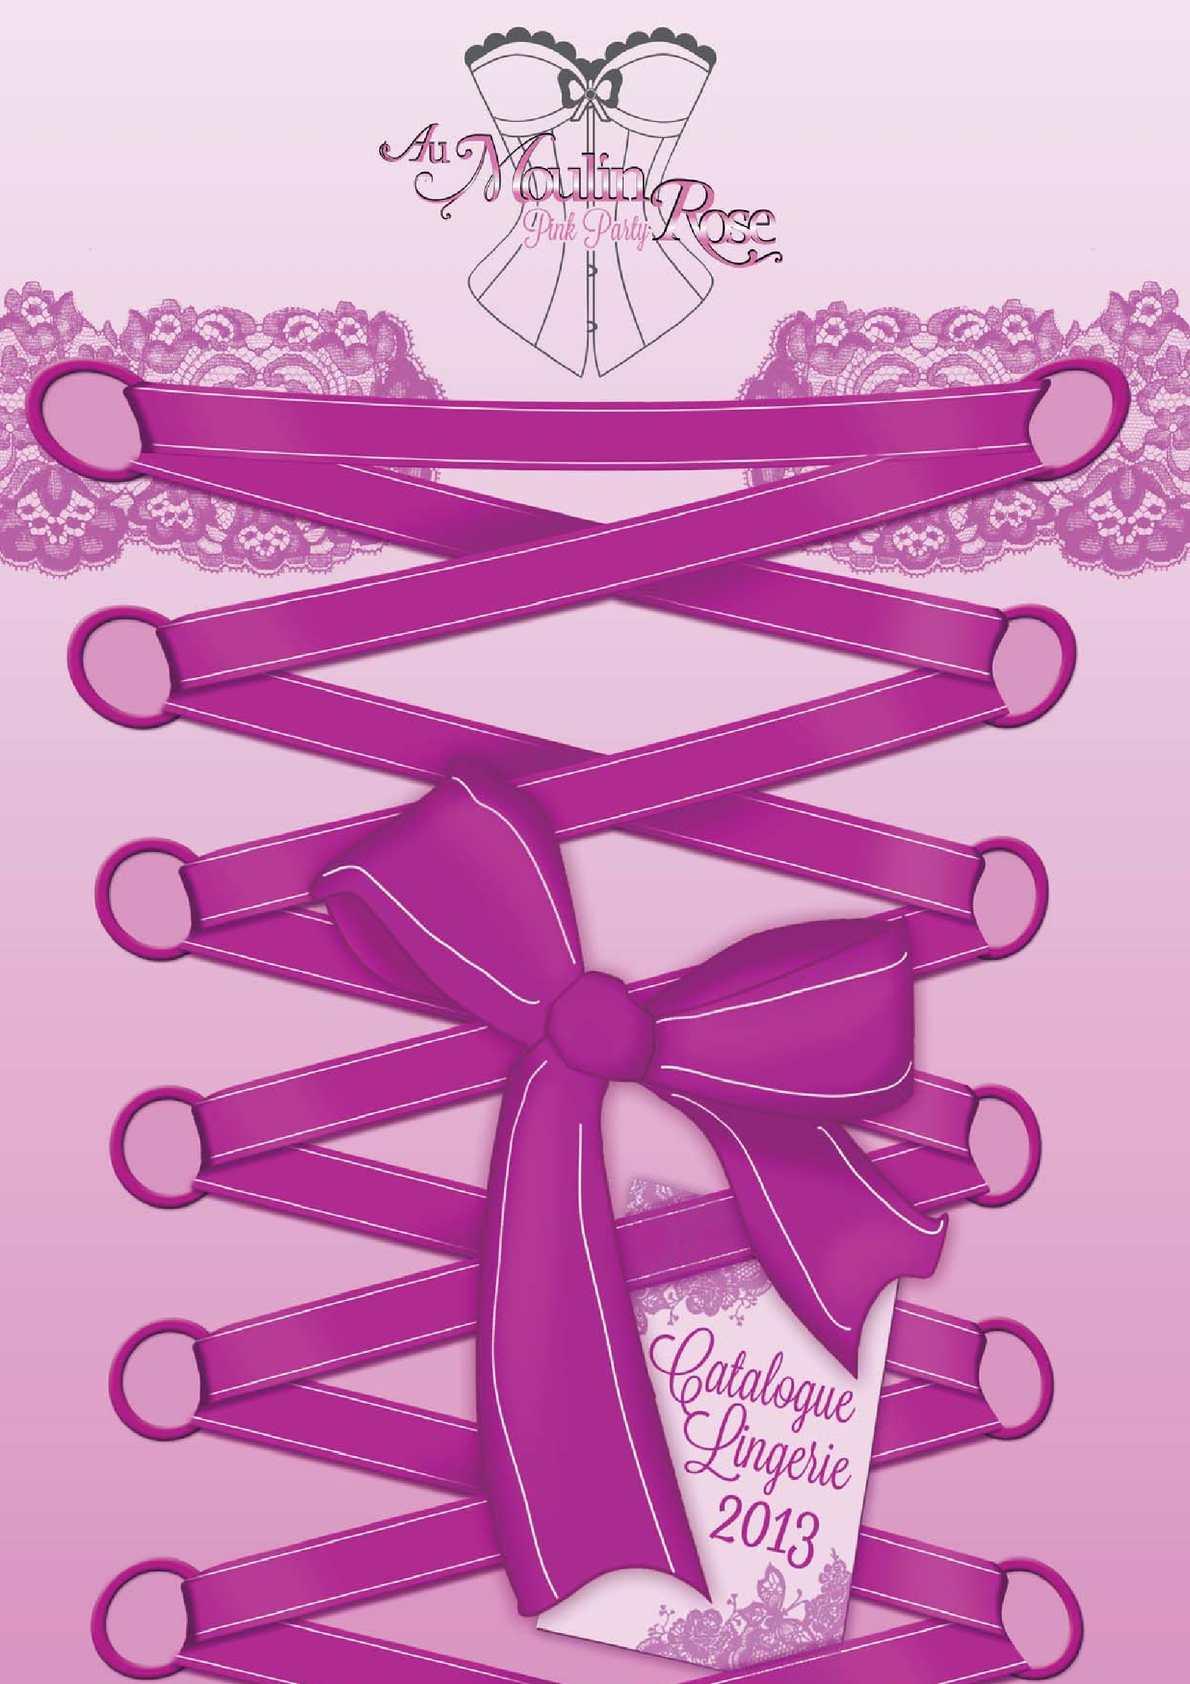 Catalogue Lingerie 2013